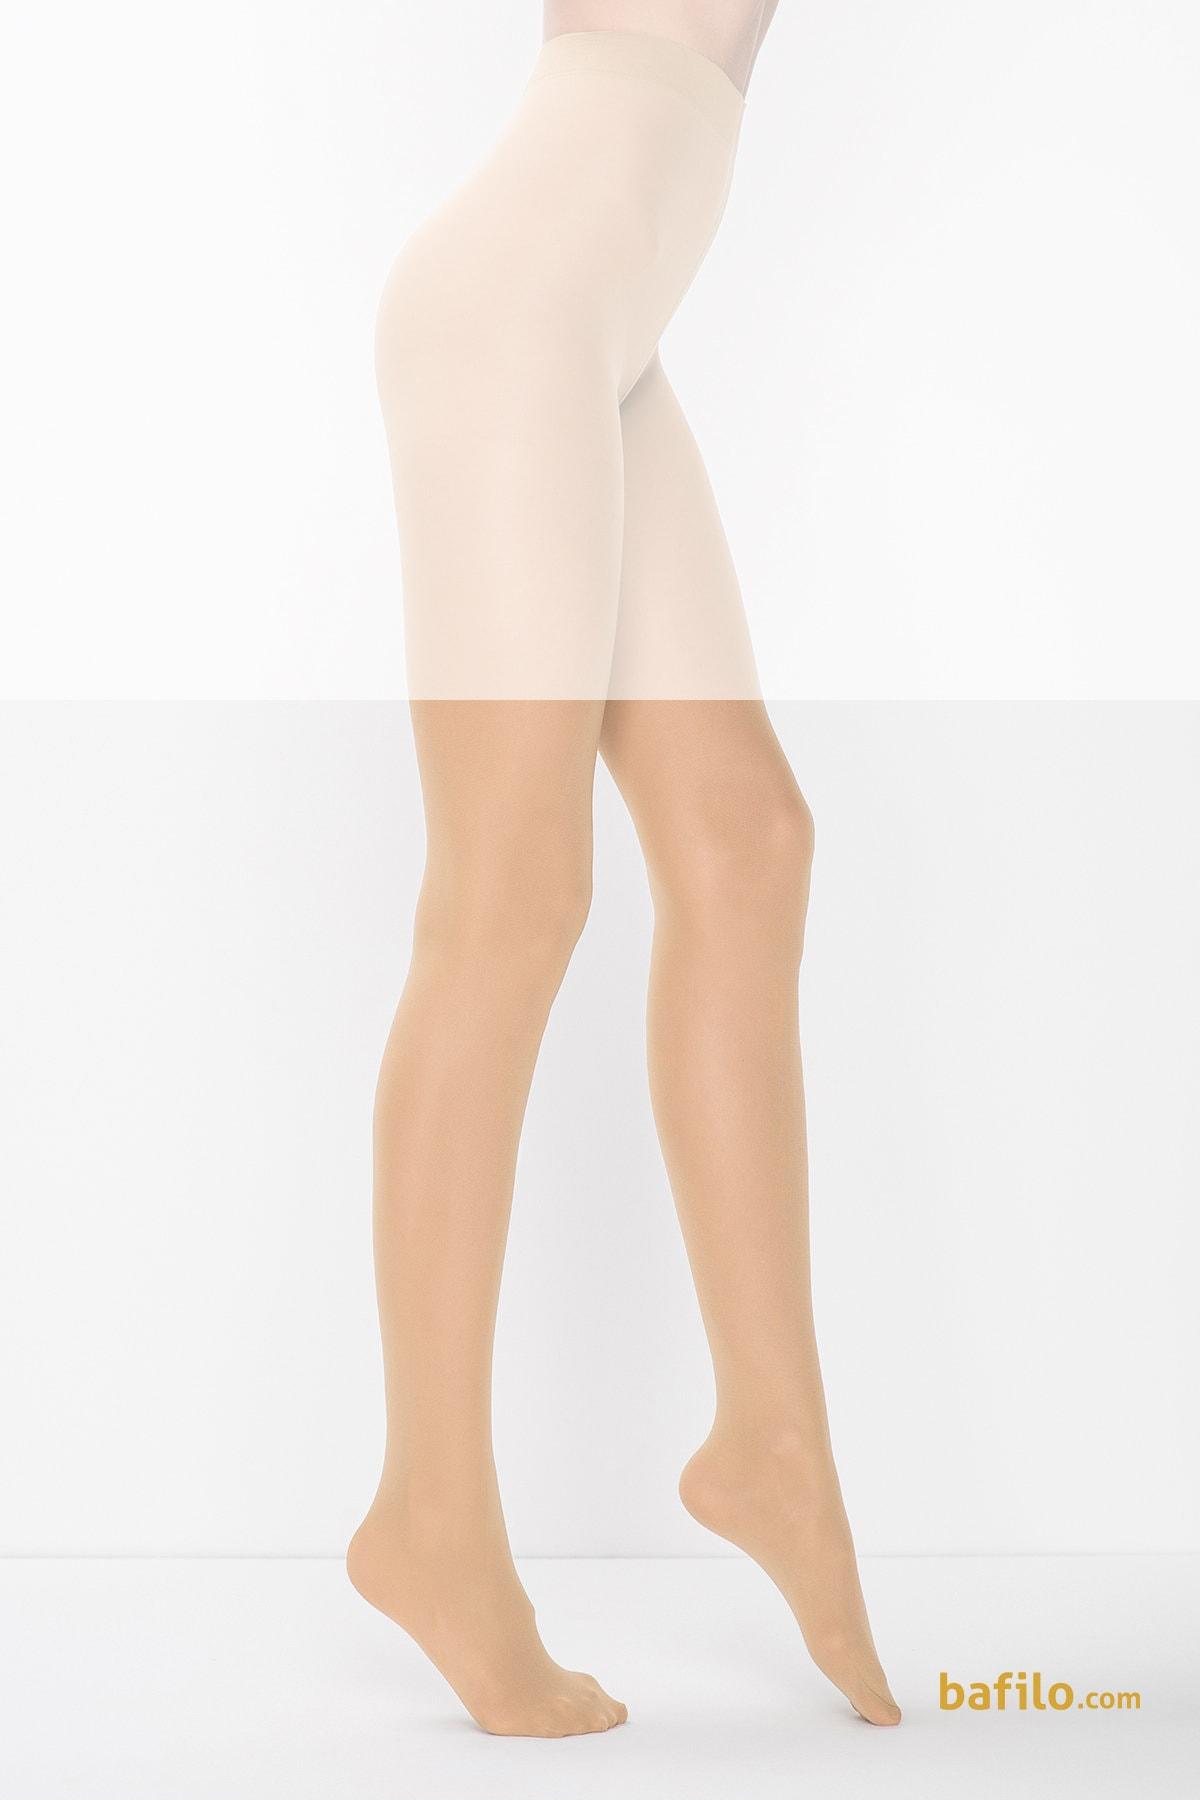 پنتی | Penti - جوراب شلواری زنانه پنتی Mikro 40 رنگ بدن روشن